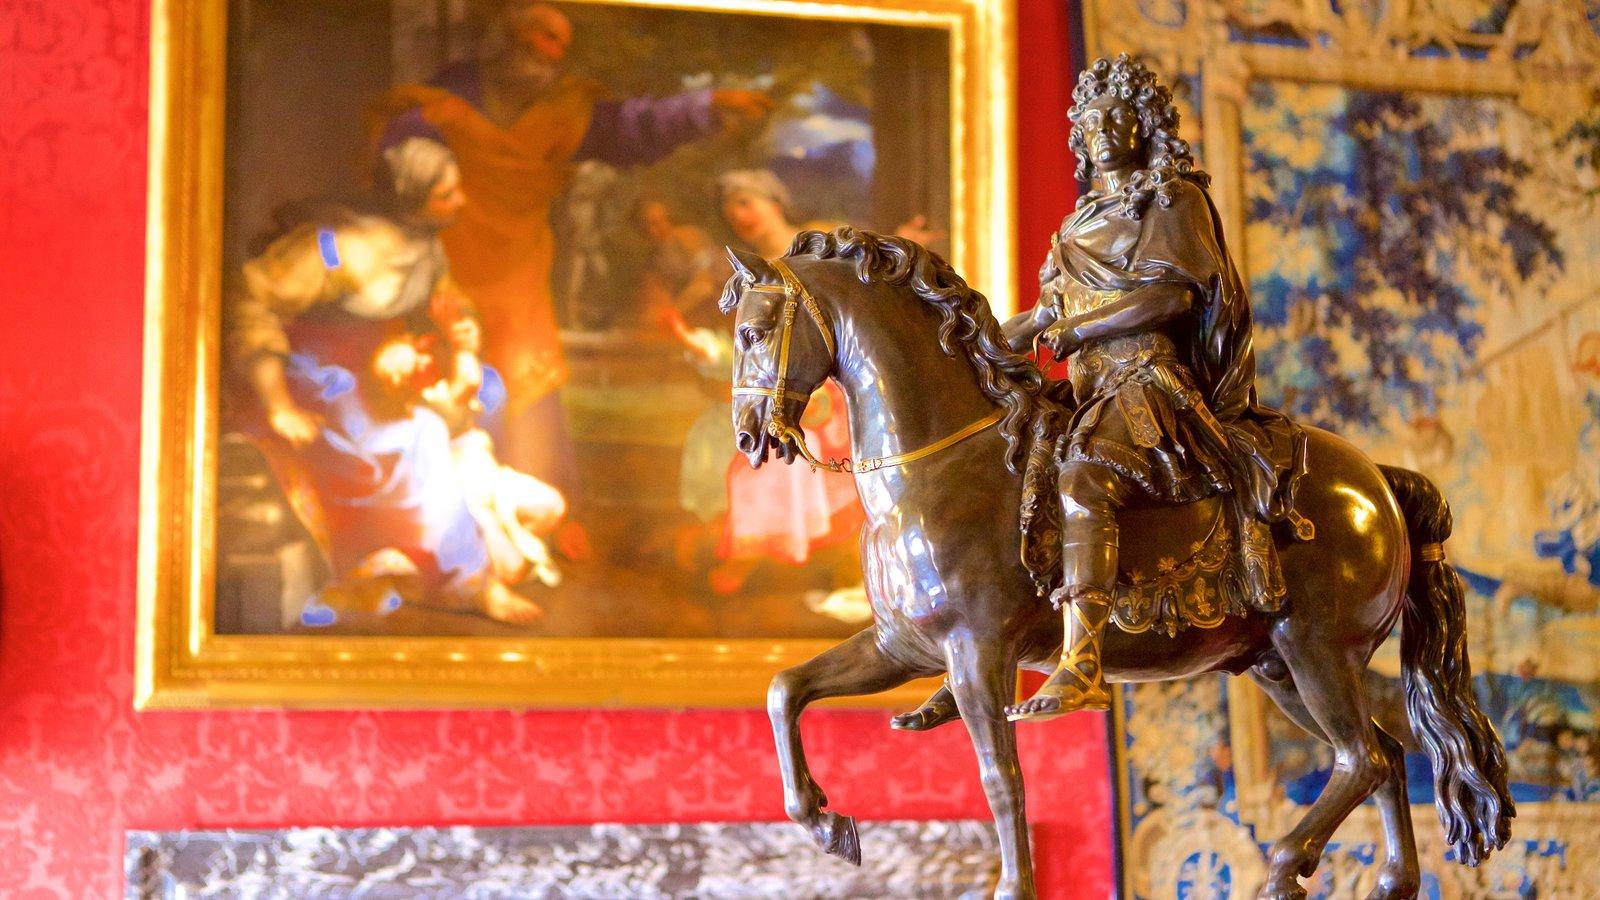 Melun mostrando elementos de patrimônio, uma estátua ou escultura e arte